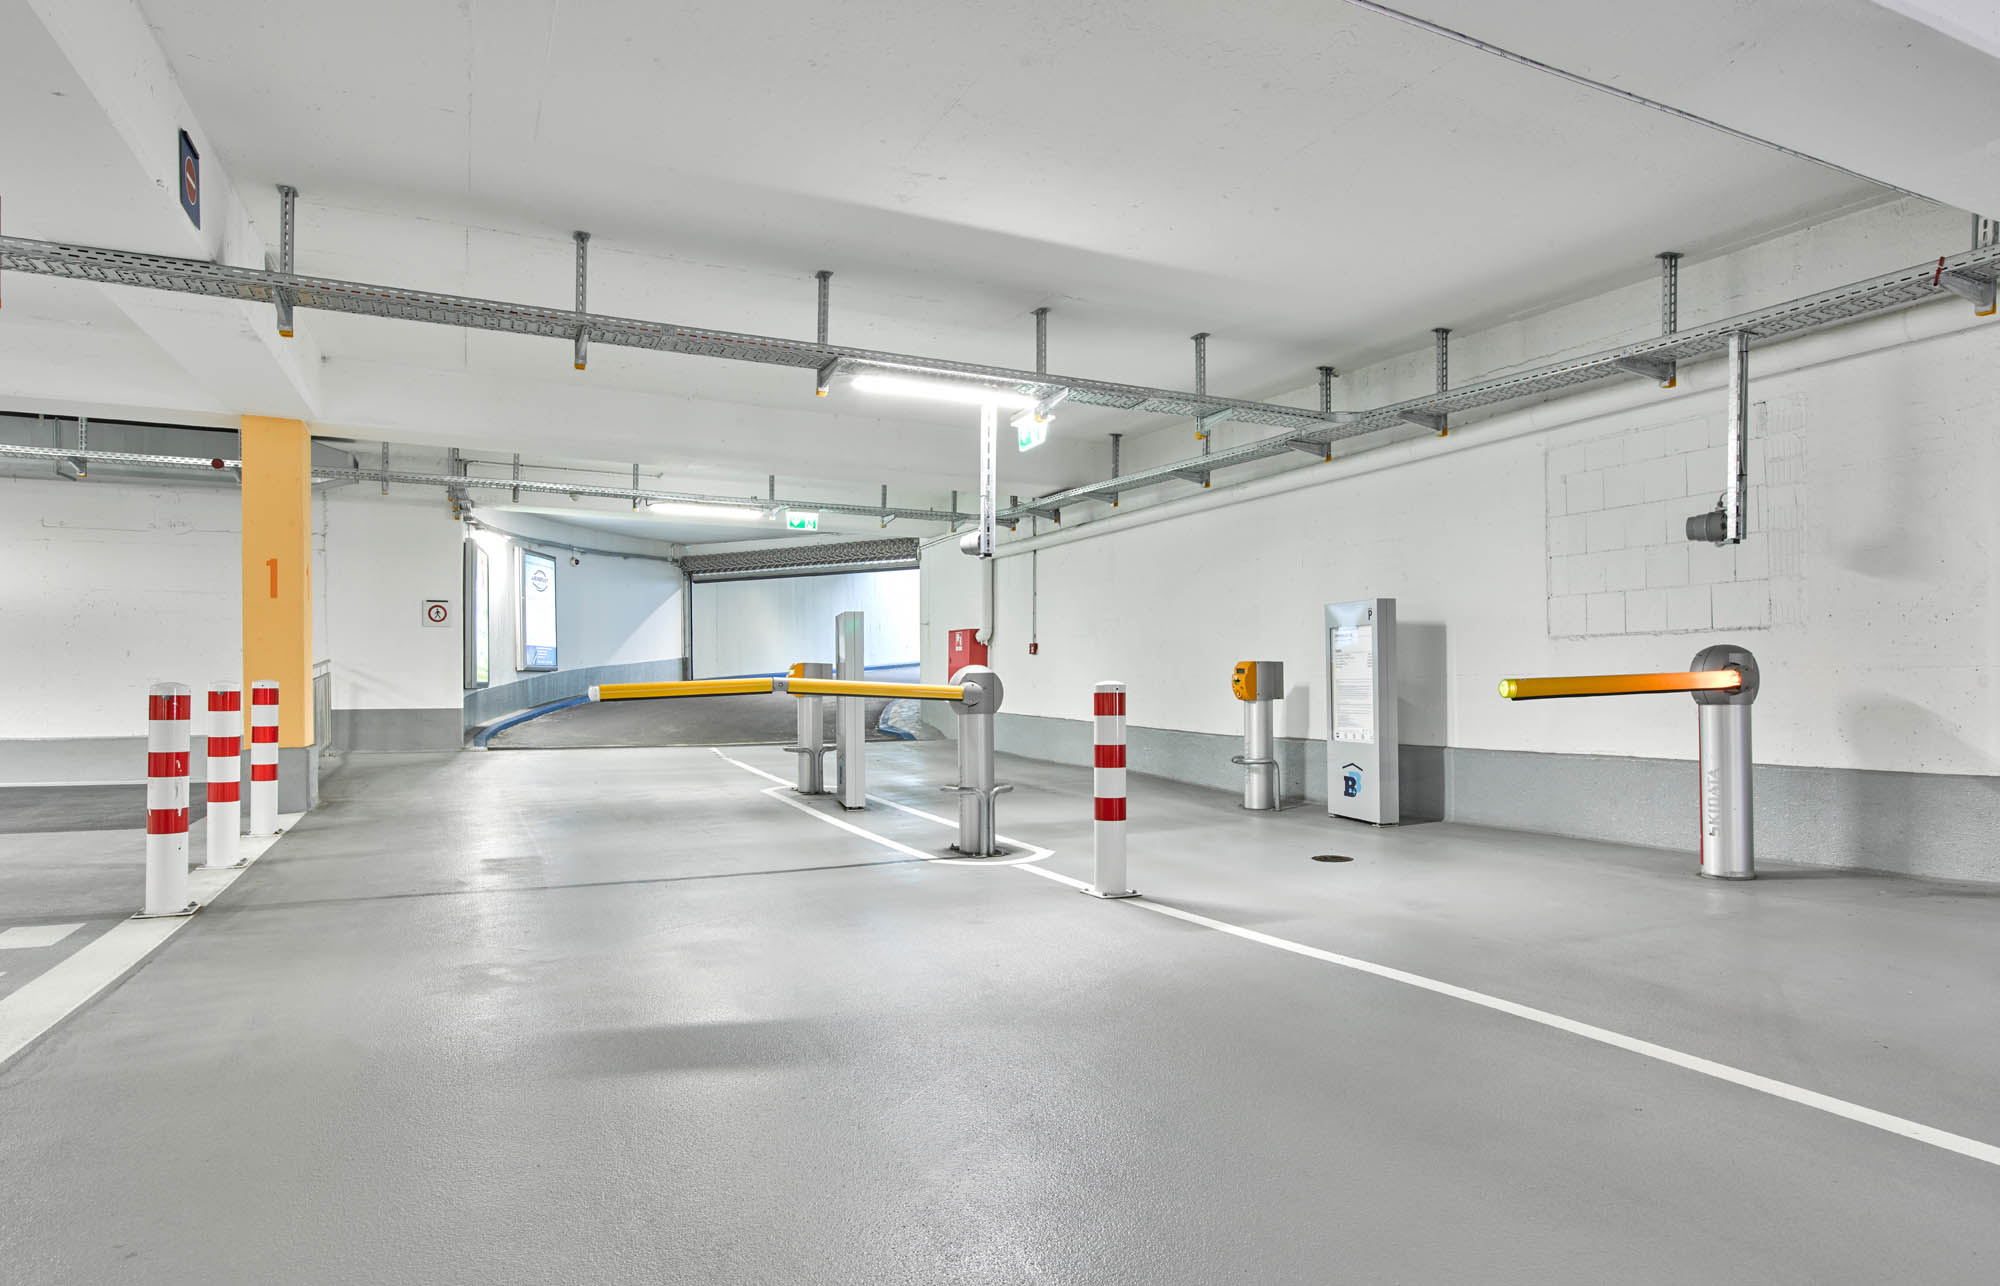 OPC 161218 10018 - Tiefgaragen Waiblingen und Heilbronn: Dokumentation erfolgreicher Sanierungen